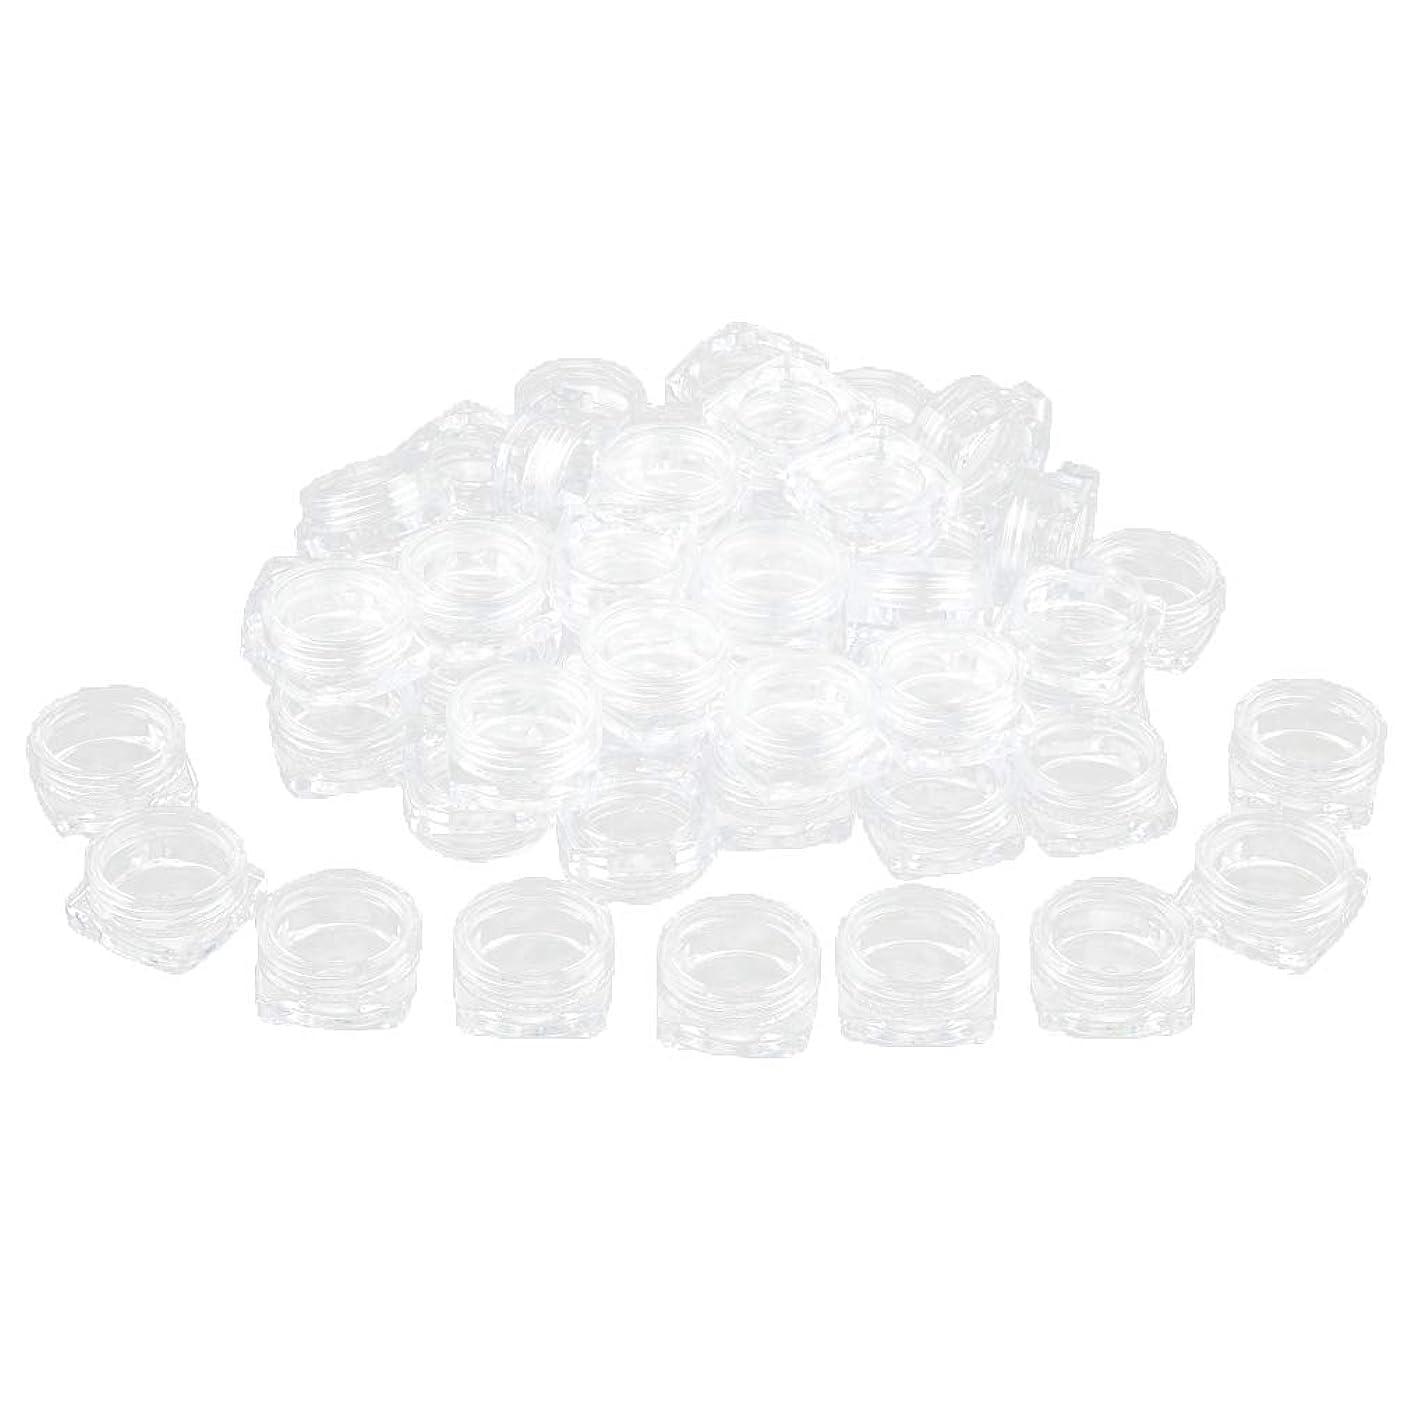 ワット横向き起こりやすいPerfeclan 約50個 化粧品ジャー 蓋付き 化粧ポット ローションジャー クリーム容器 サンプルボトル - 3g